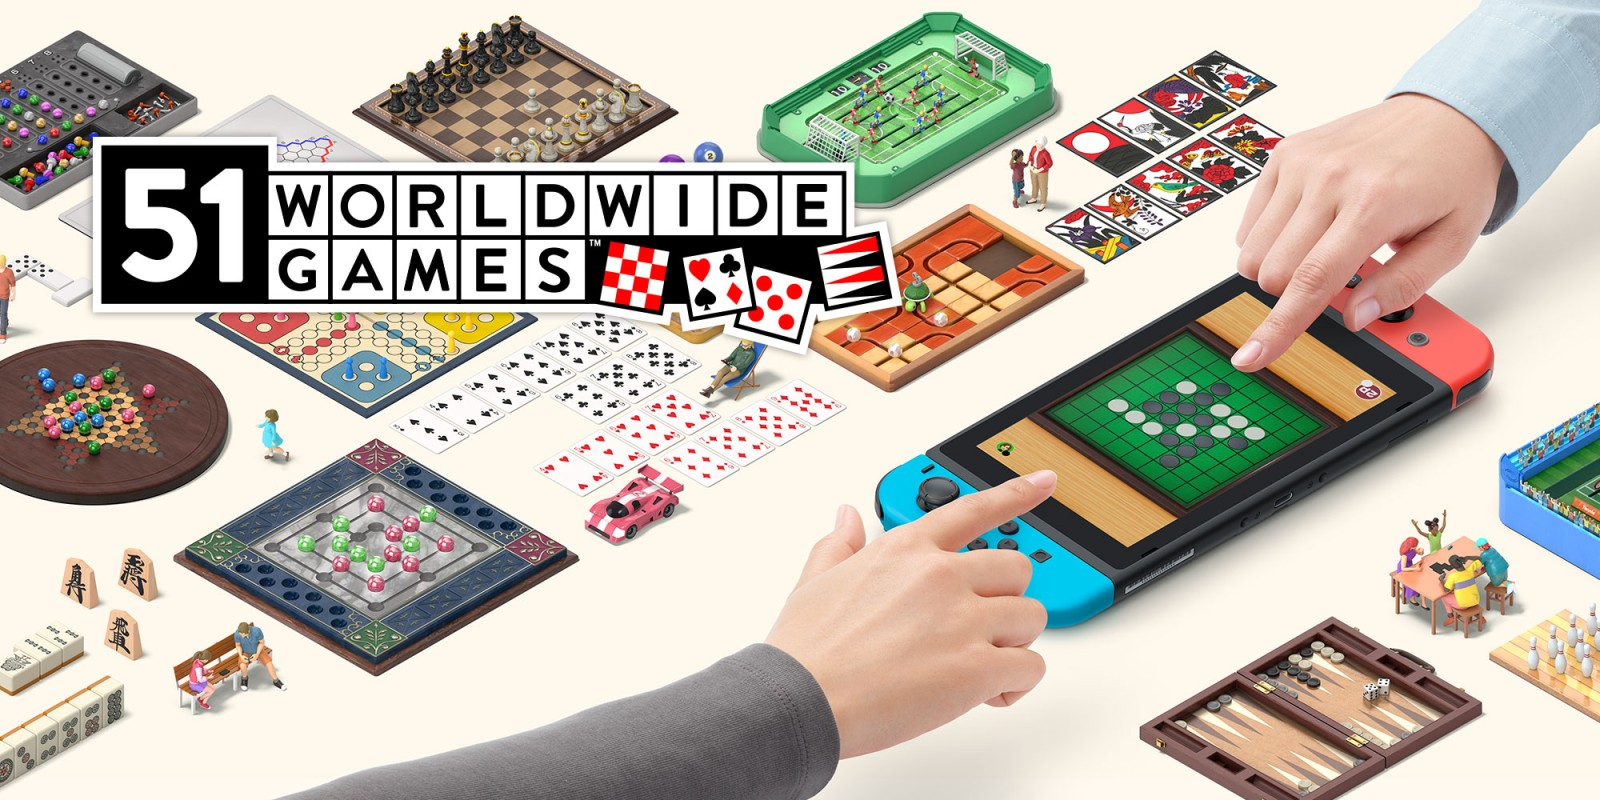 51 Worldwide Games, juegos de siempre en Nintendo Switch